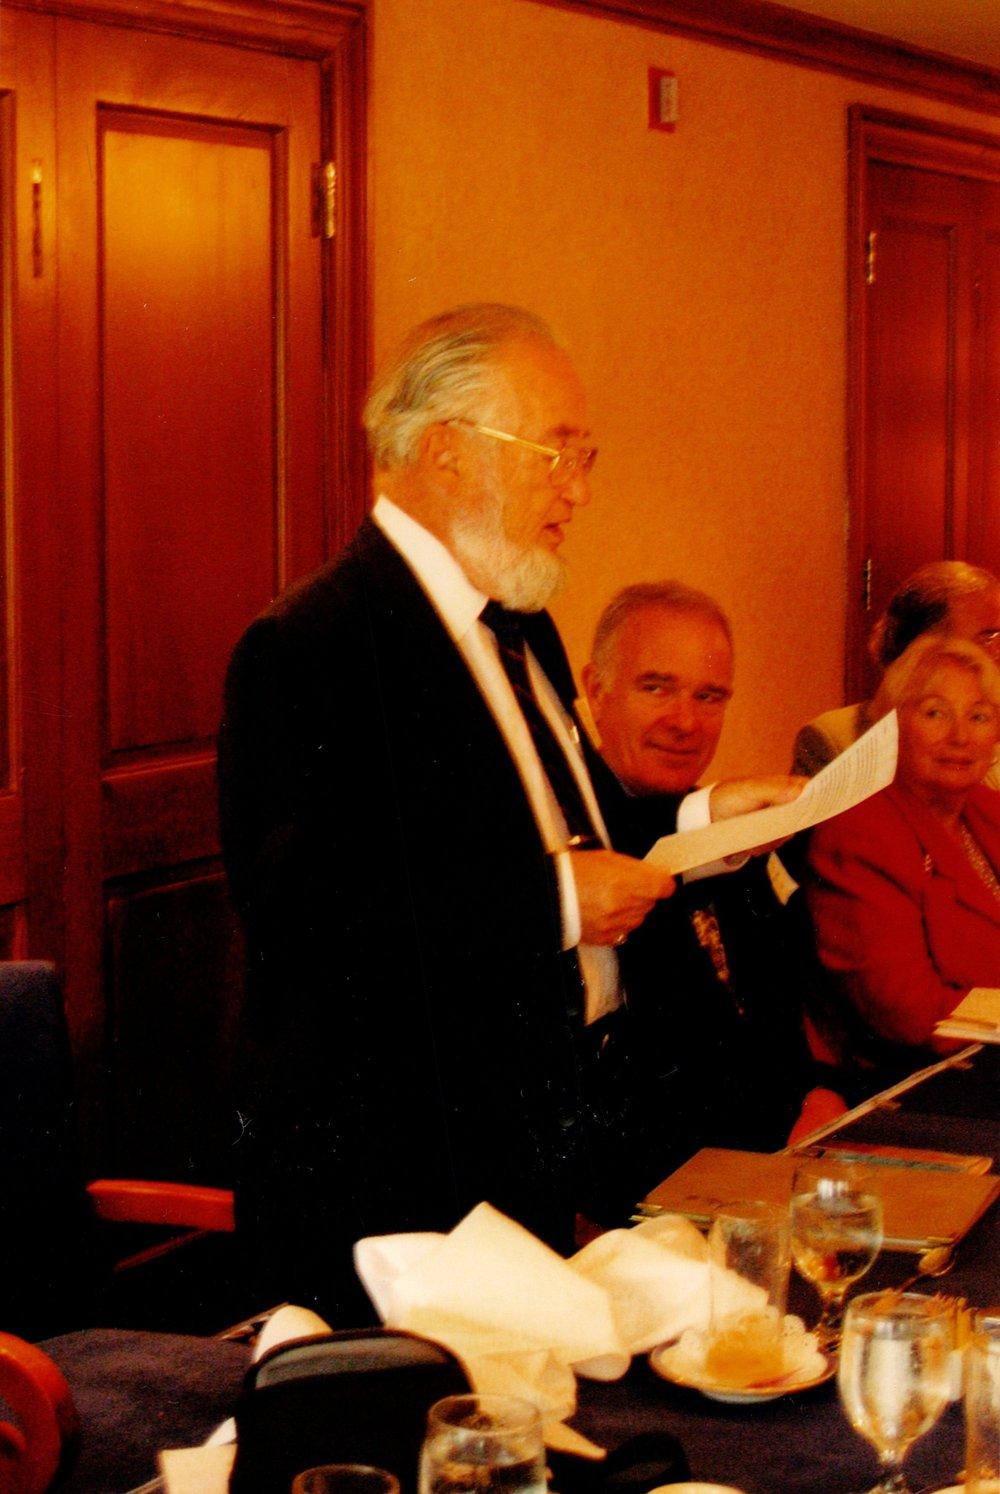 11_11_2004 - ANNUAL MEETING OF MEMBERS - NAPLES YACHT CLUB 3.jpg